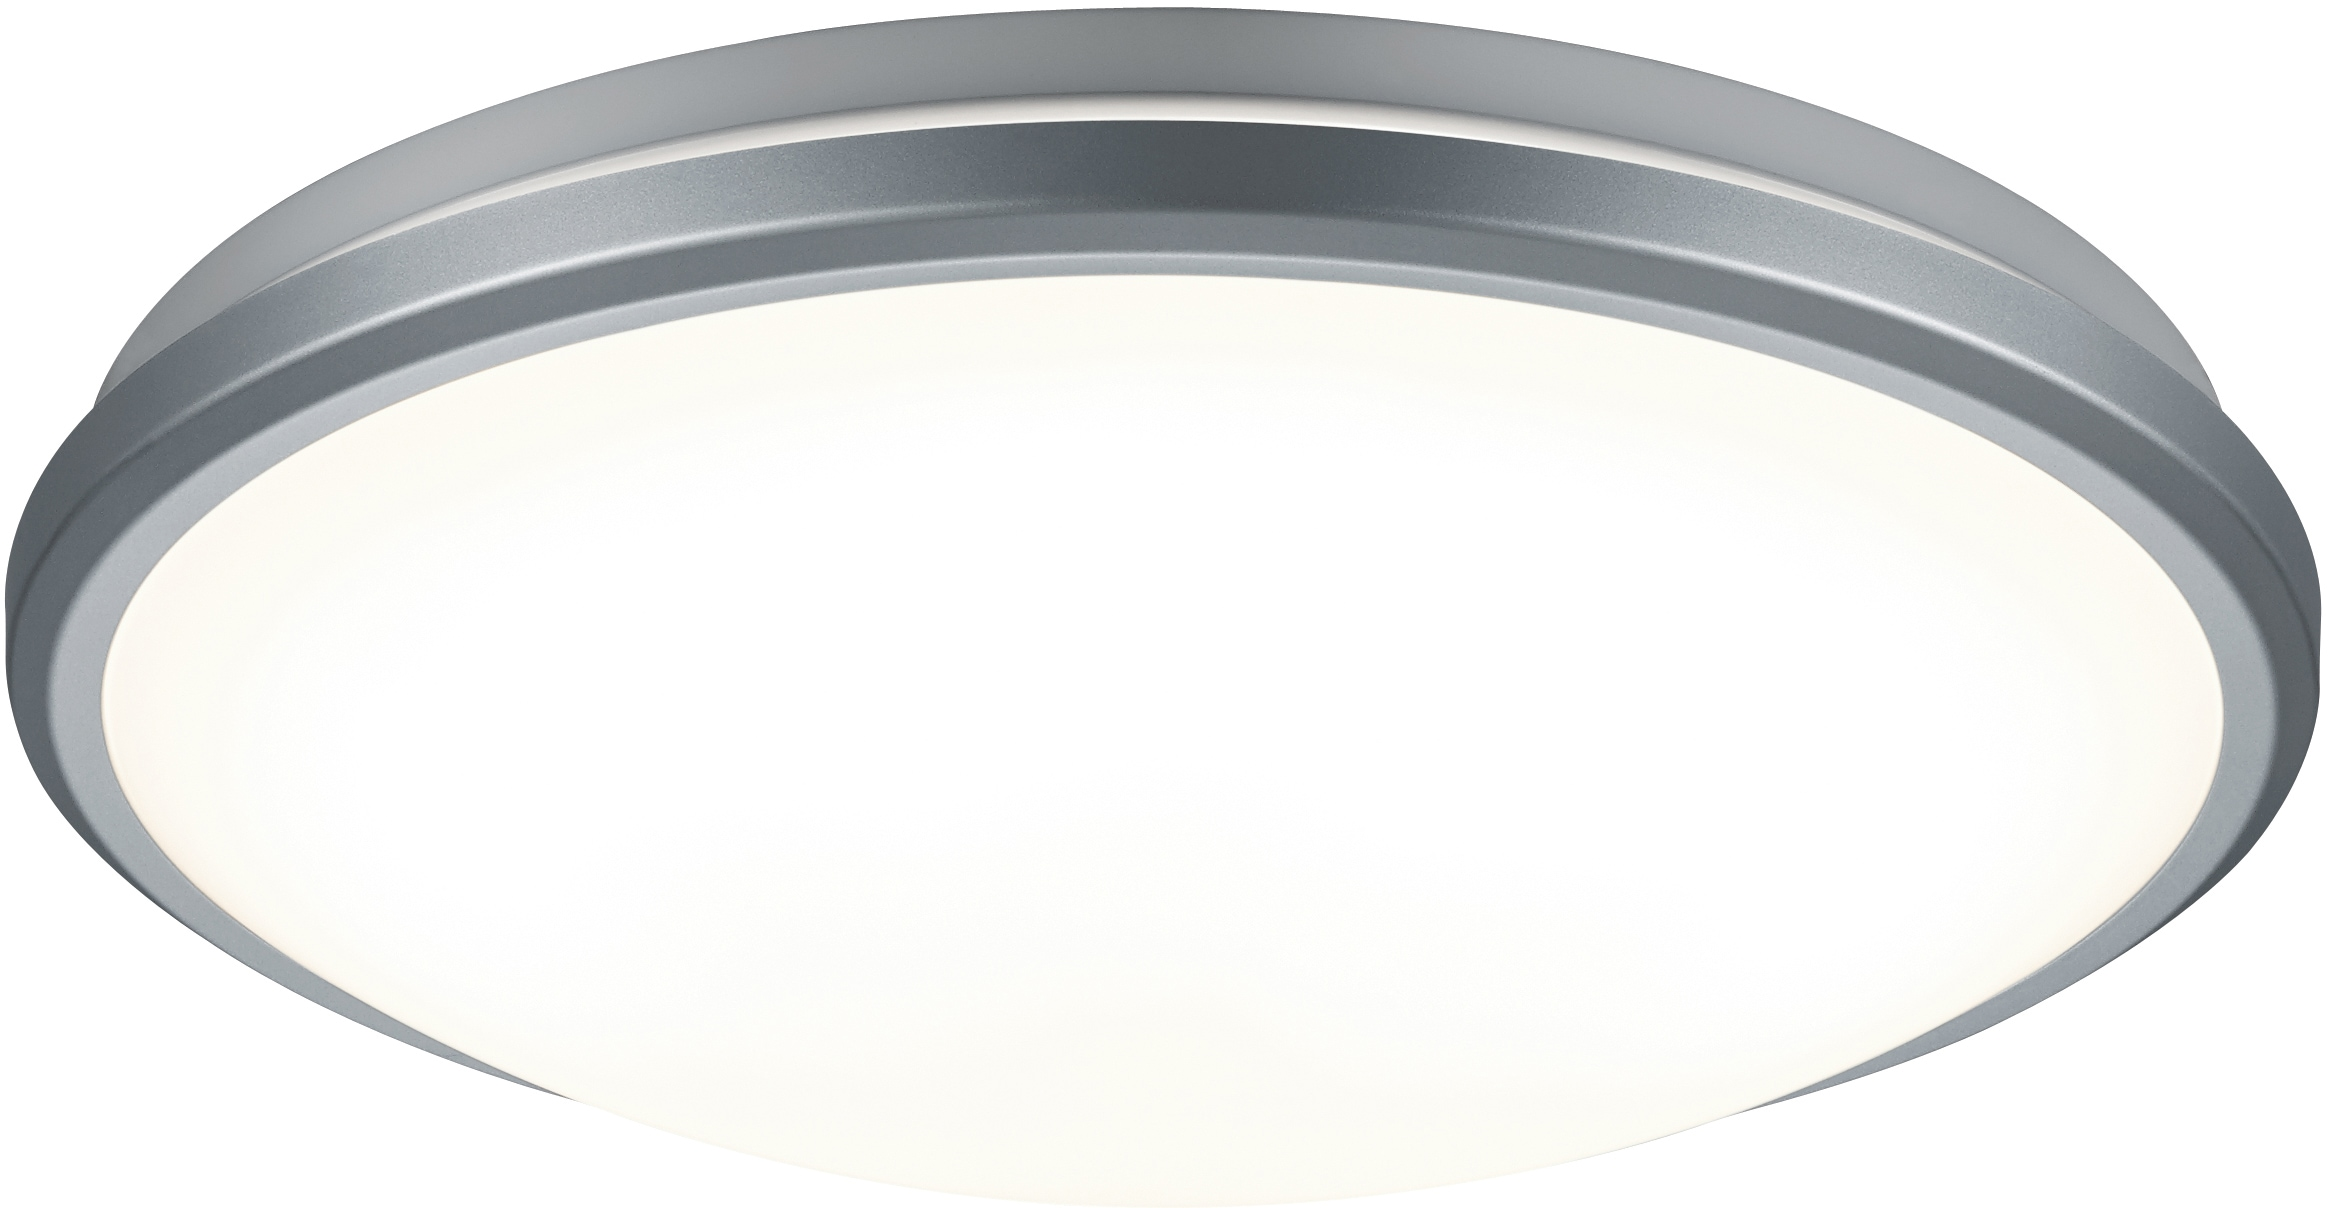 TRIO Leuchten LED Deckenleuchte ALCOR